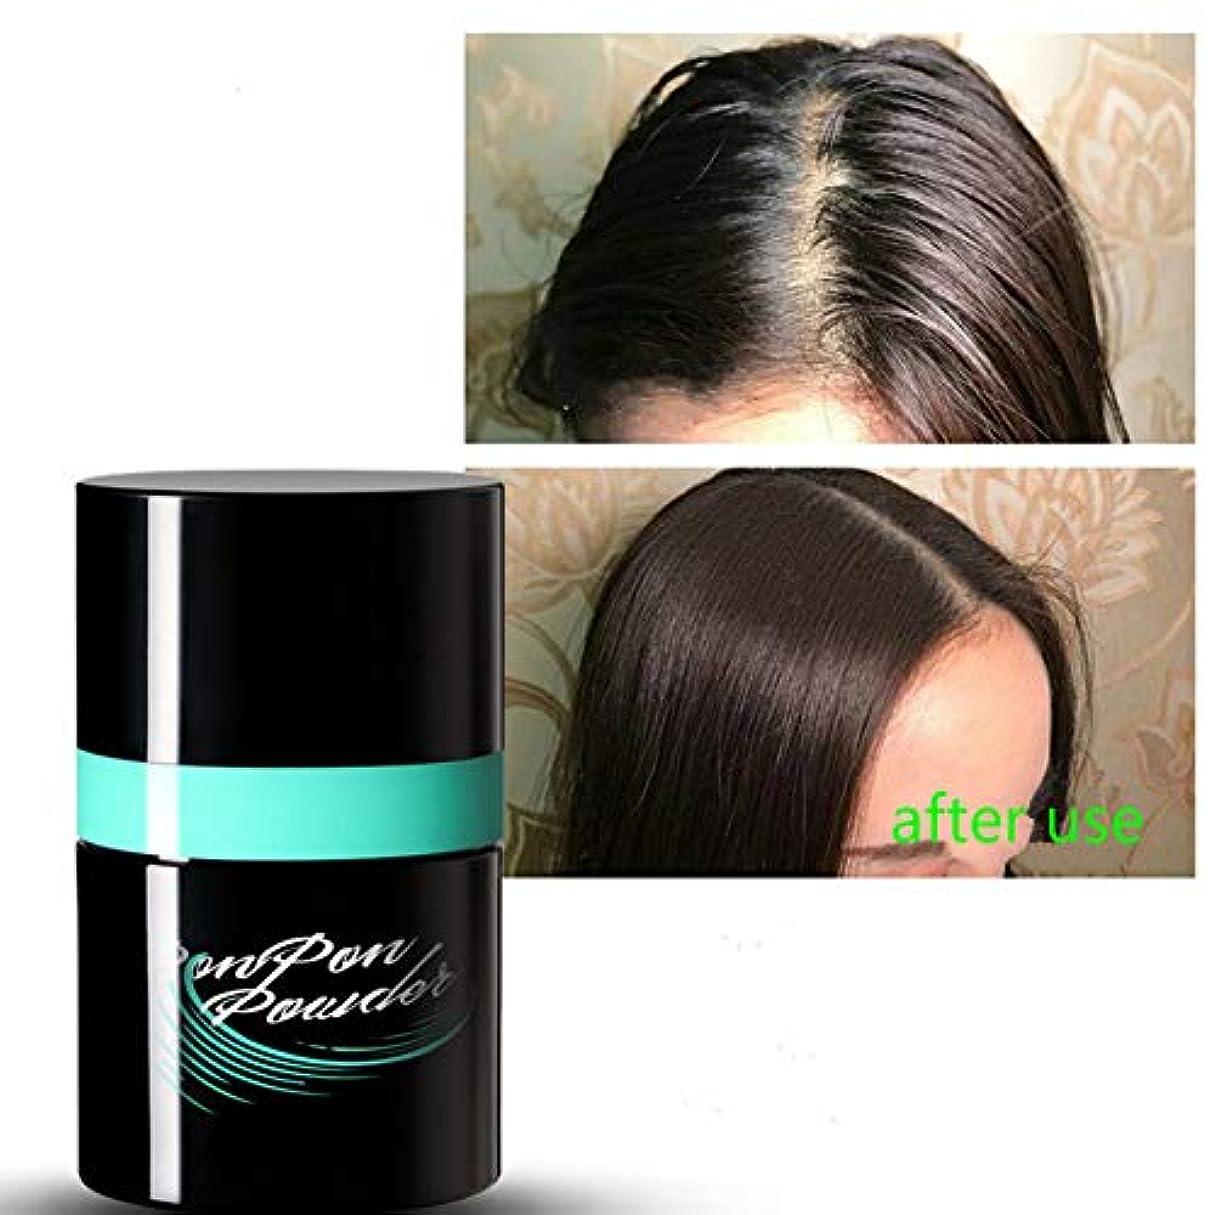 シェフピッチャーマットレスRabugoo 女性男性ふわふわ薄いヘアパウダー防塵ヘアスプレー増加ヘアボリュームスタイリングパウダーツール